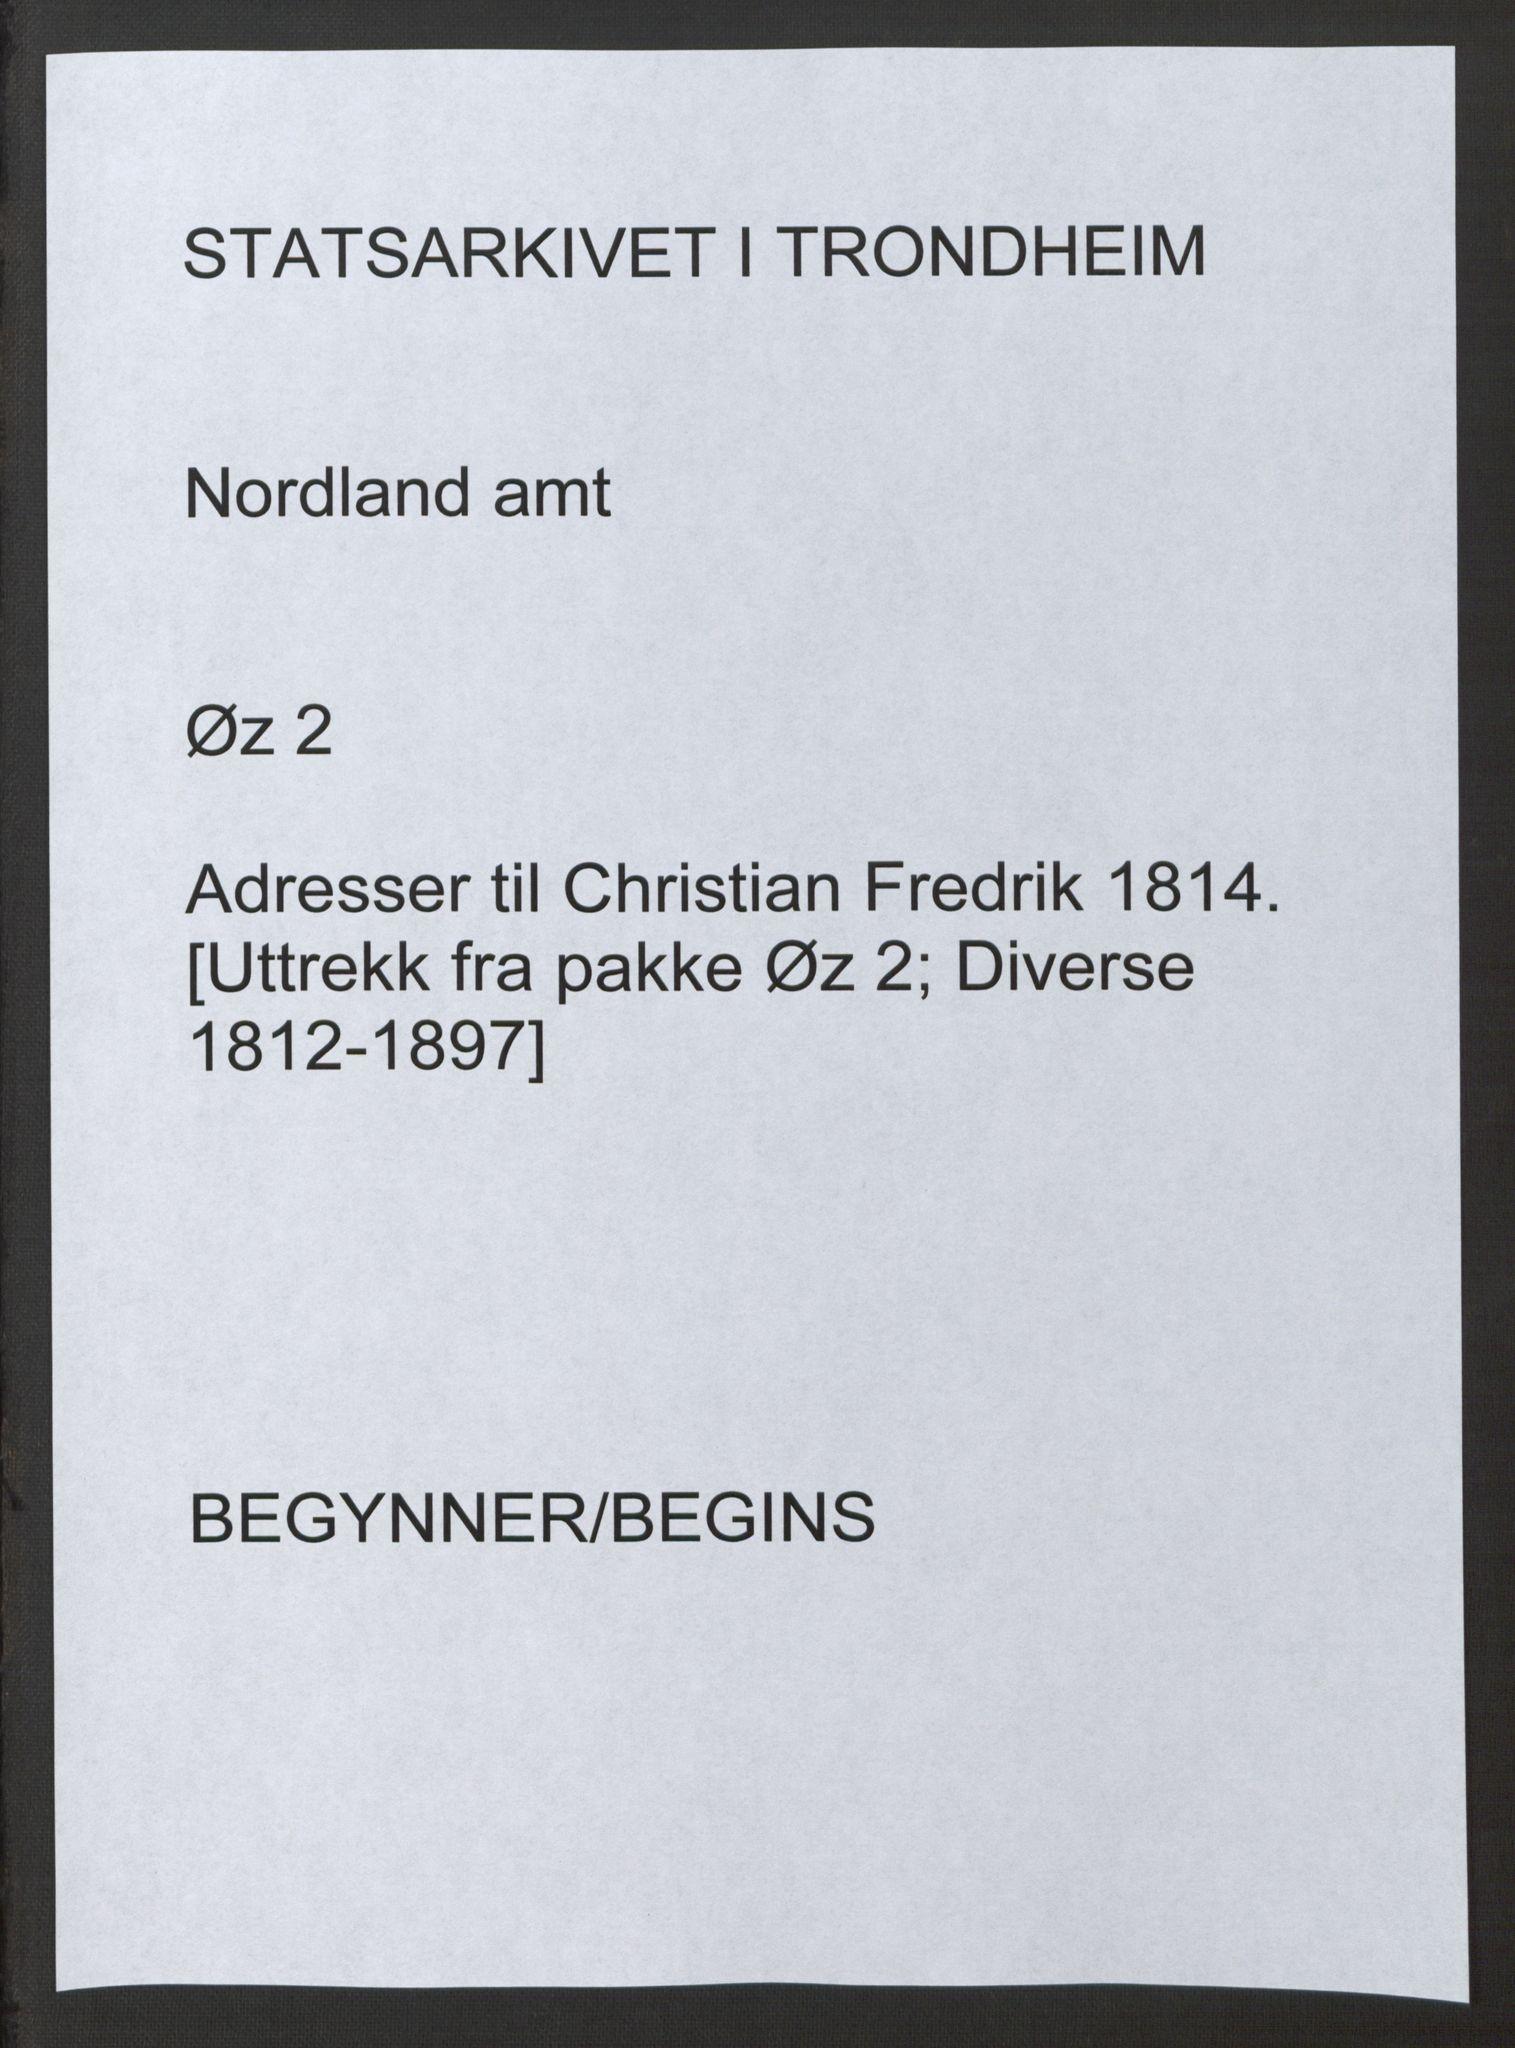 SAT, Fylkesmannen i Nordland, Ø/Øz/L0002: Diverse, 1814, p. 1